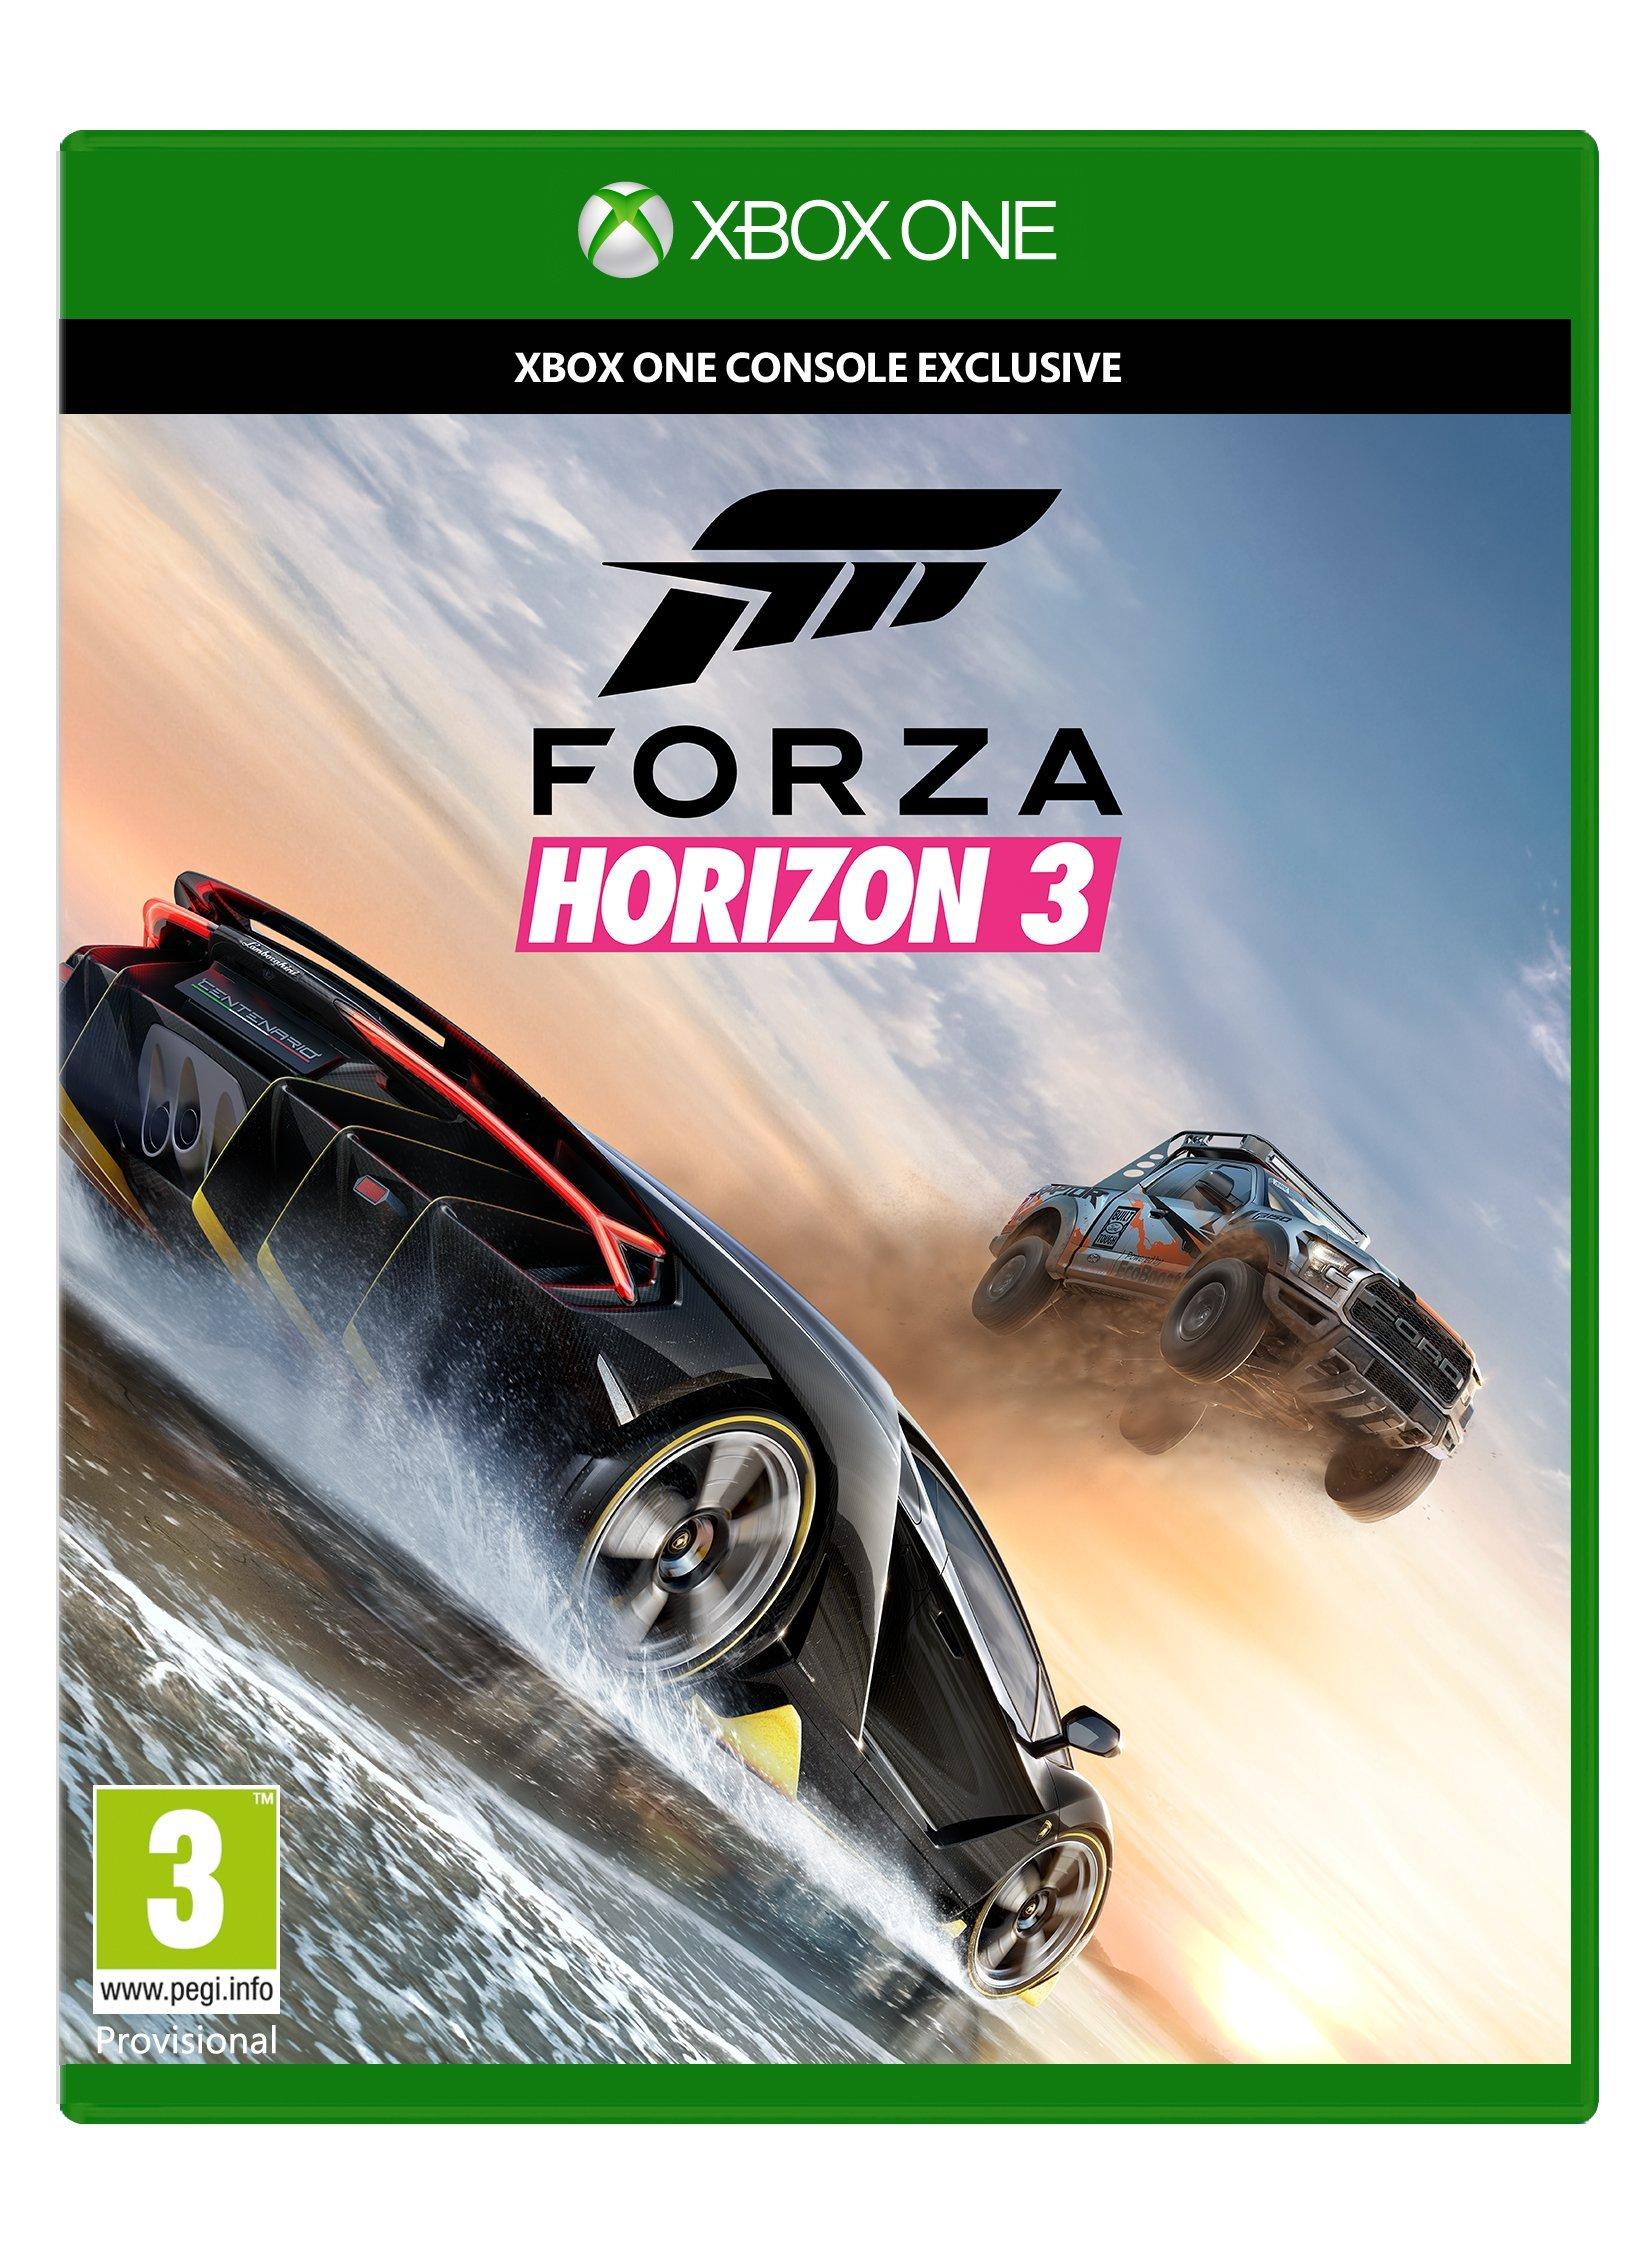 Forza Horizon 3 (Xbox One) product image